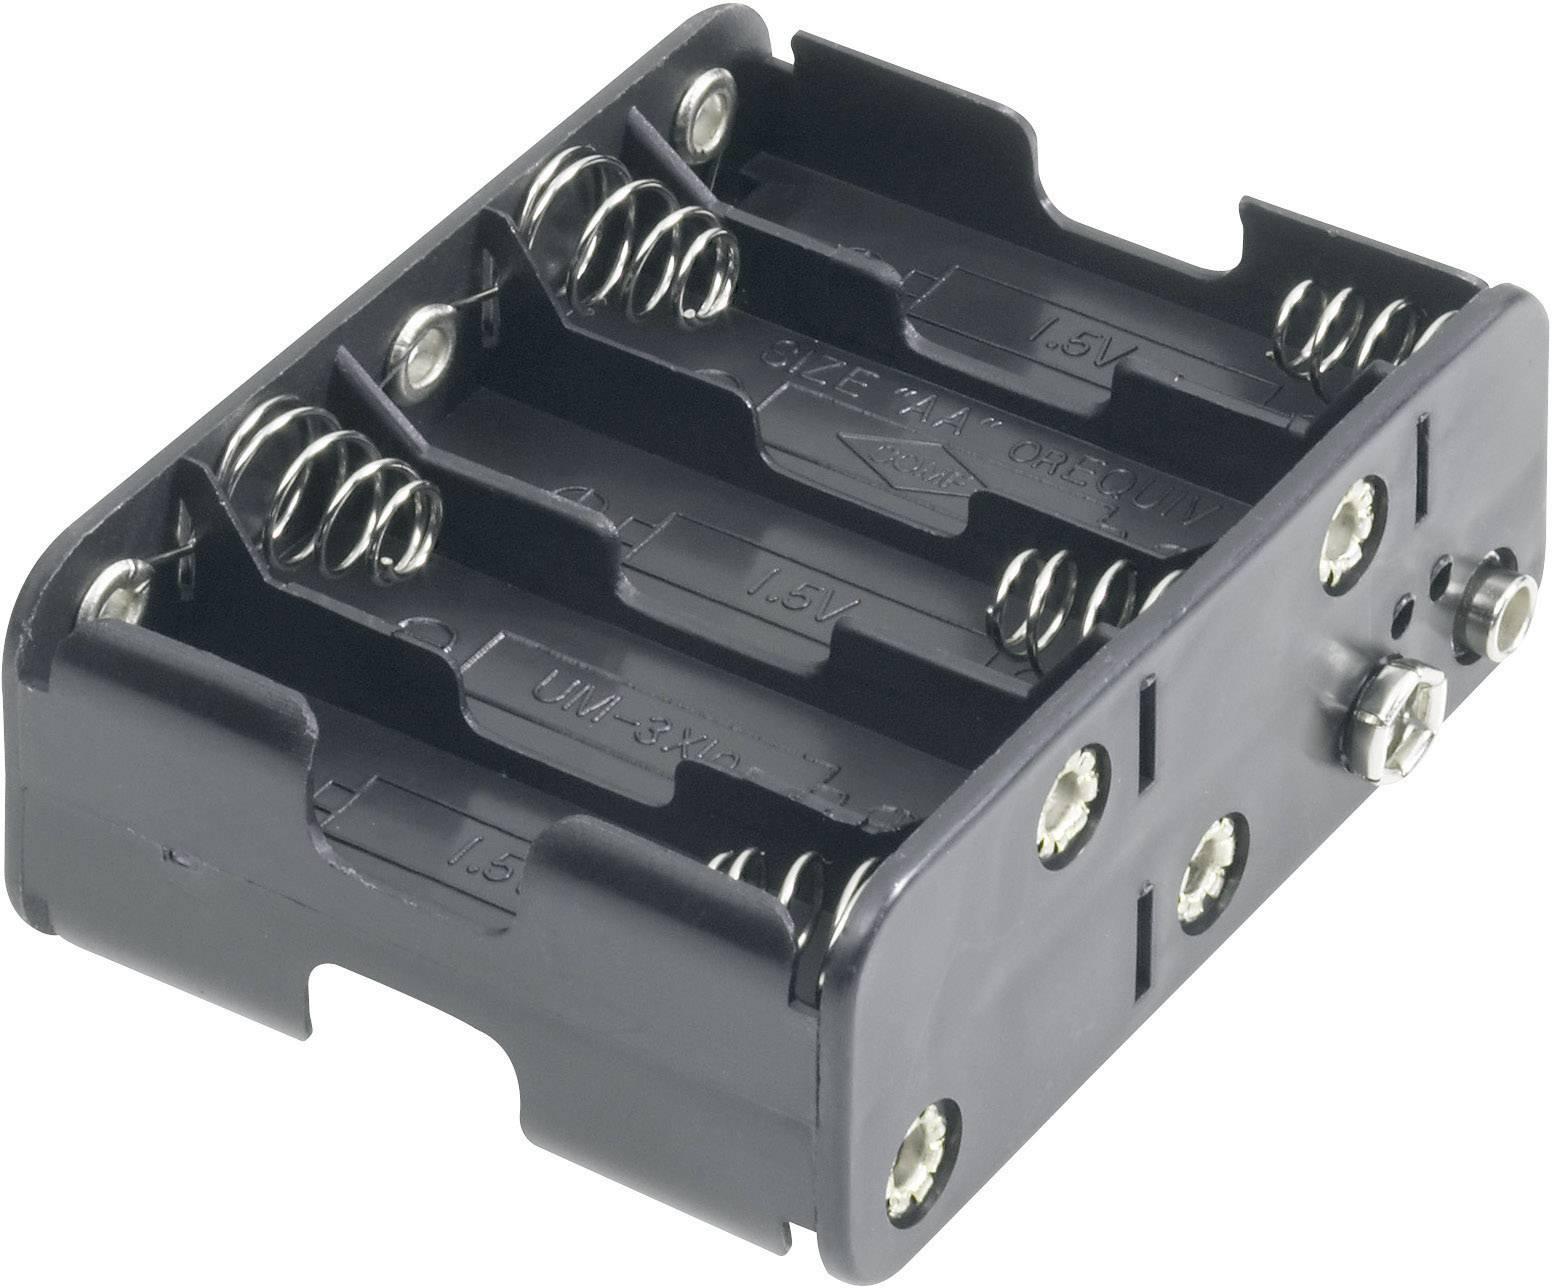 Držák na baterie 10x AA s klipkonektorem Goobay, černá